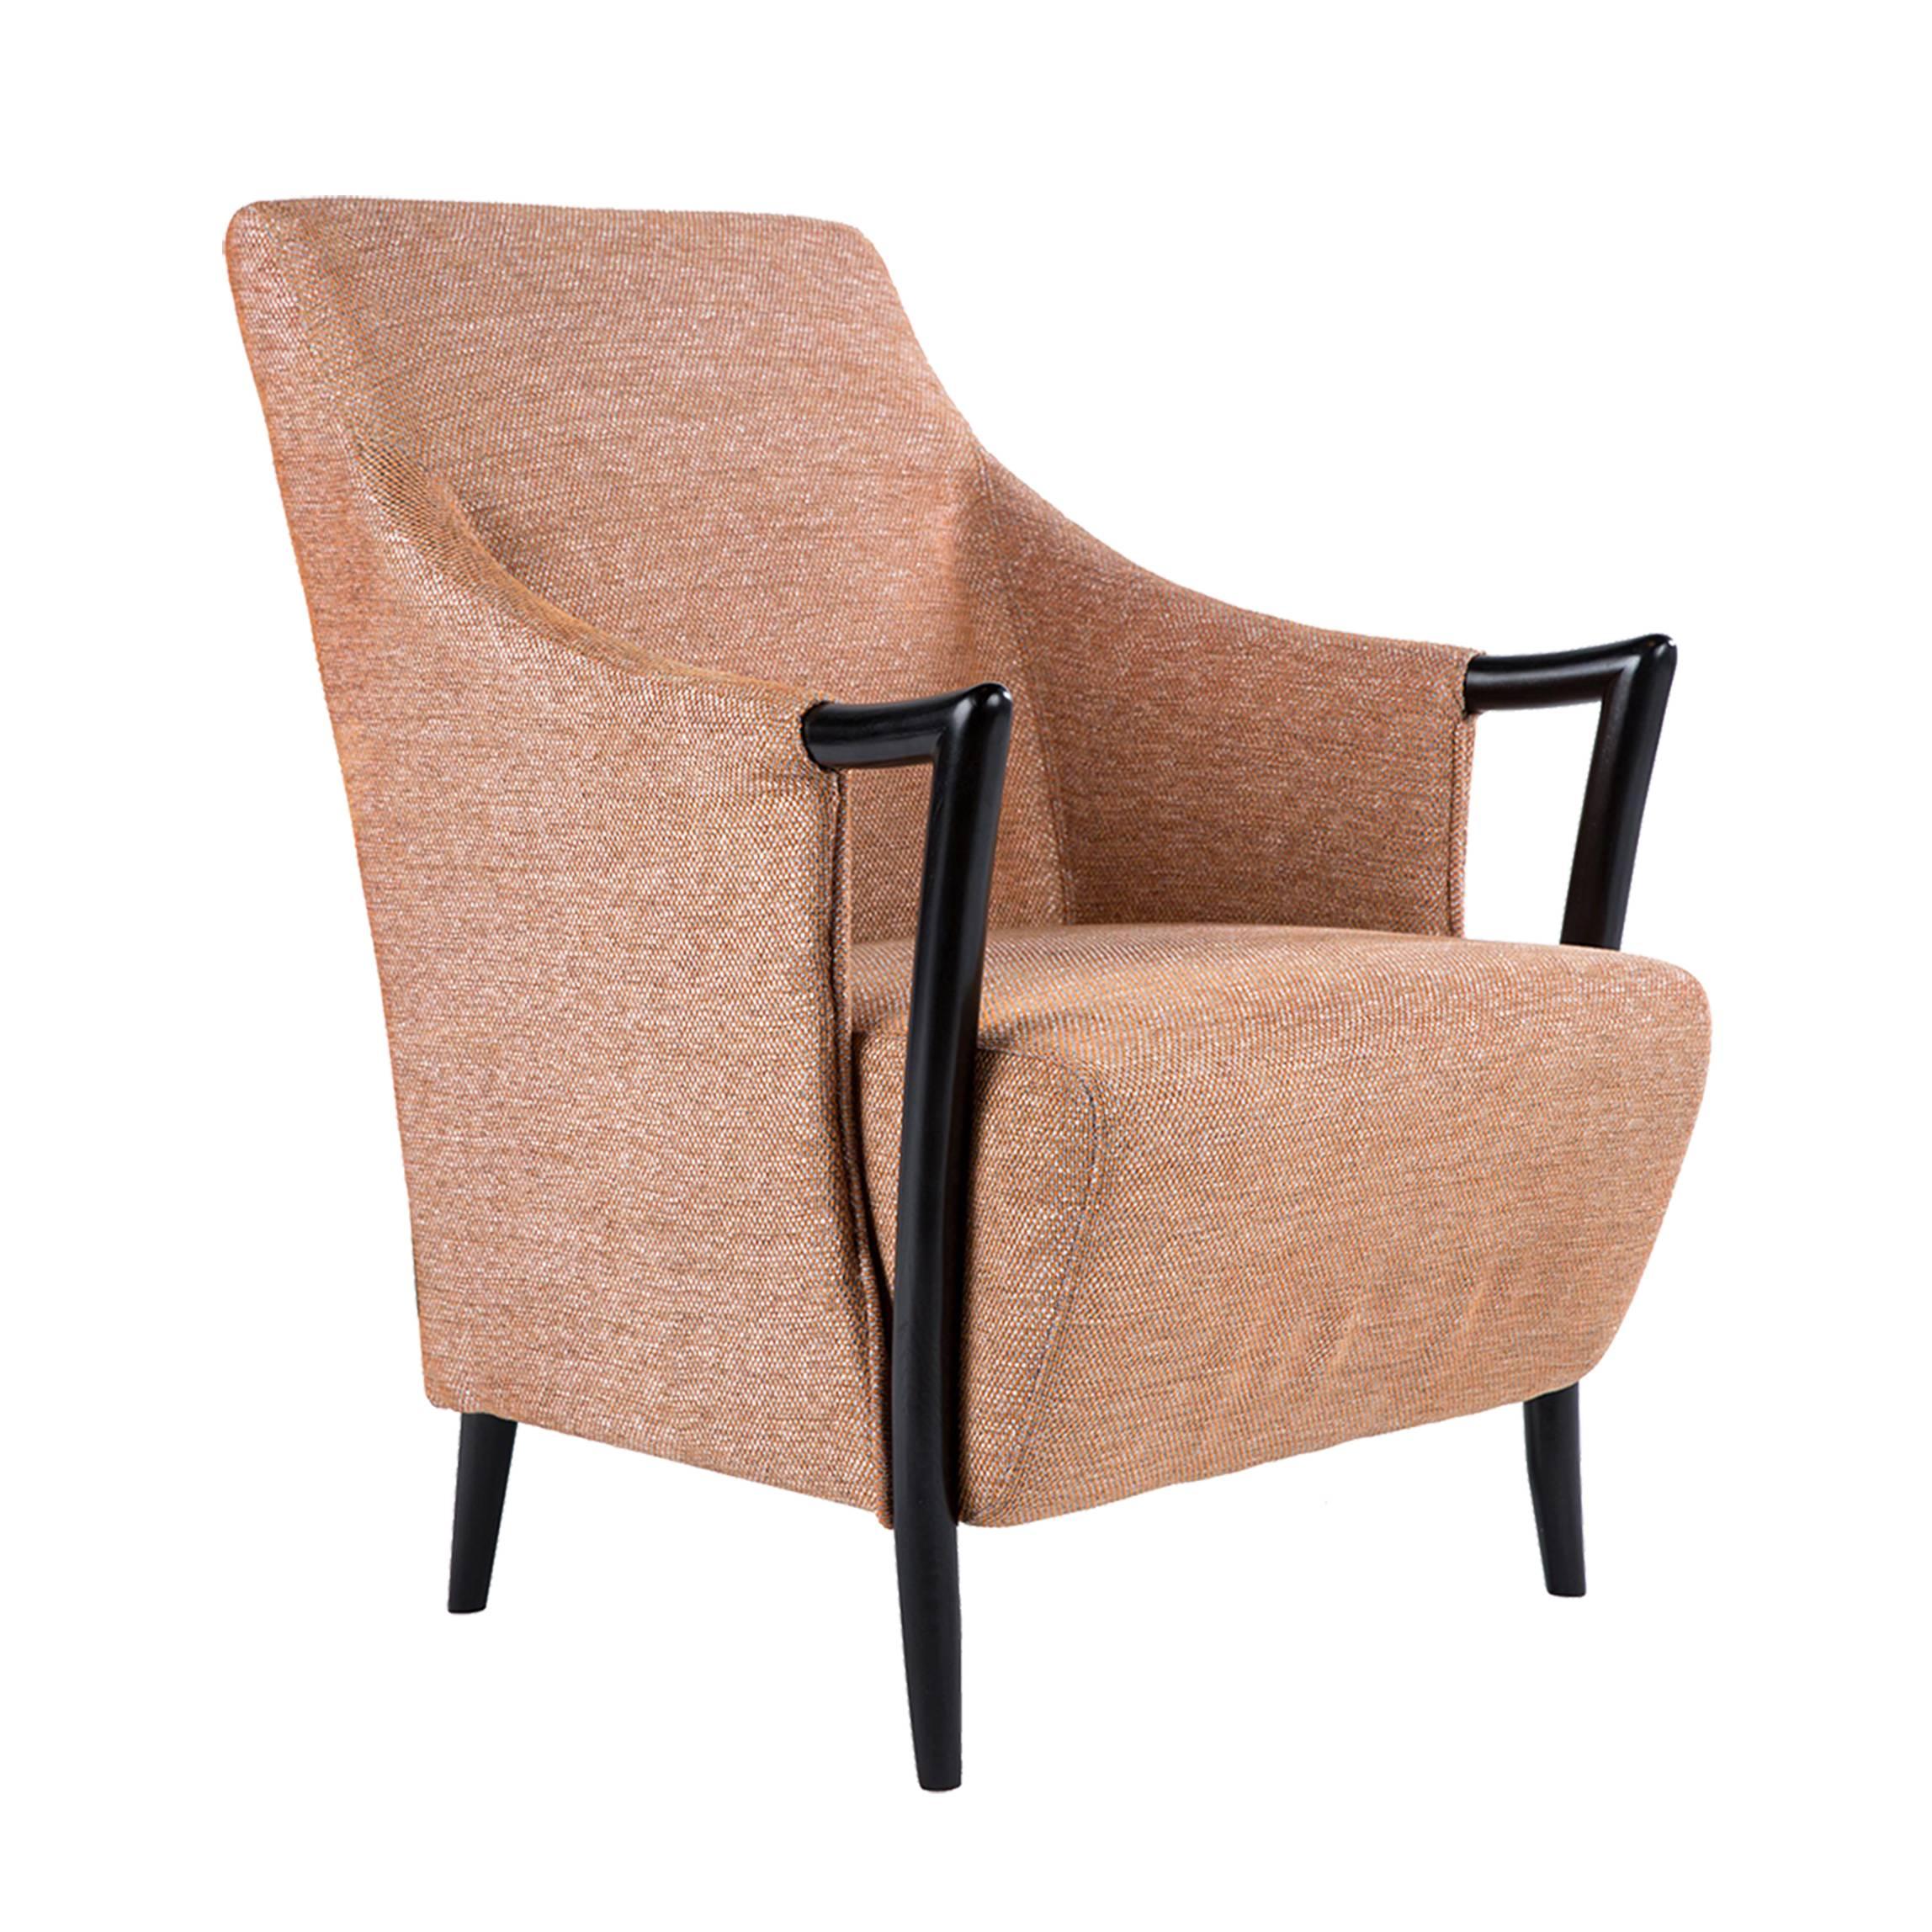 Красивая дорогая мебель, стул с обивкой рыжего оранжевого цвета, реплика (копия) джиорджетти, giorgetti, baker, бэйкер.